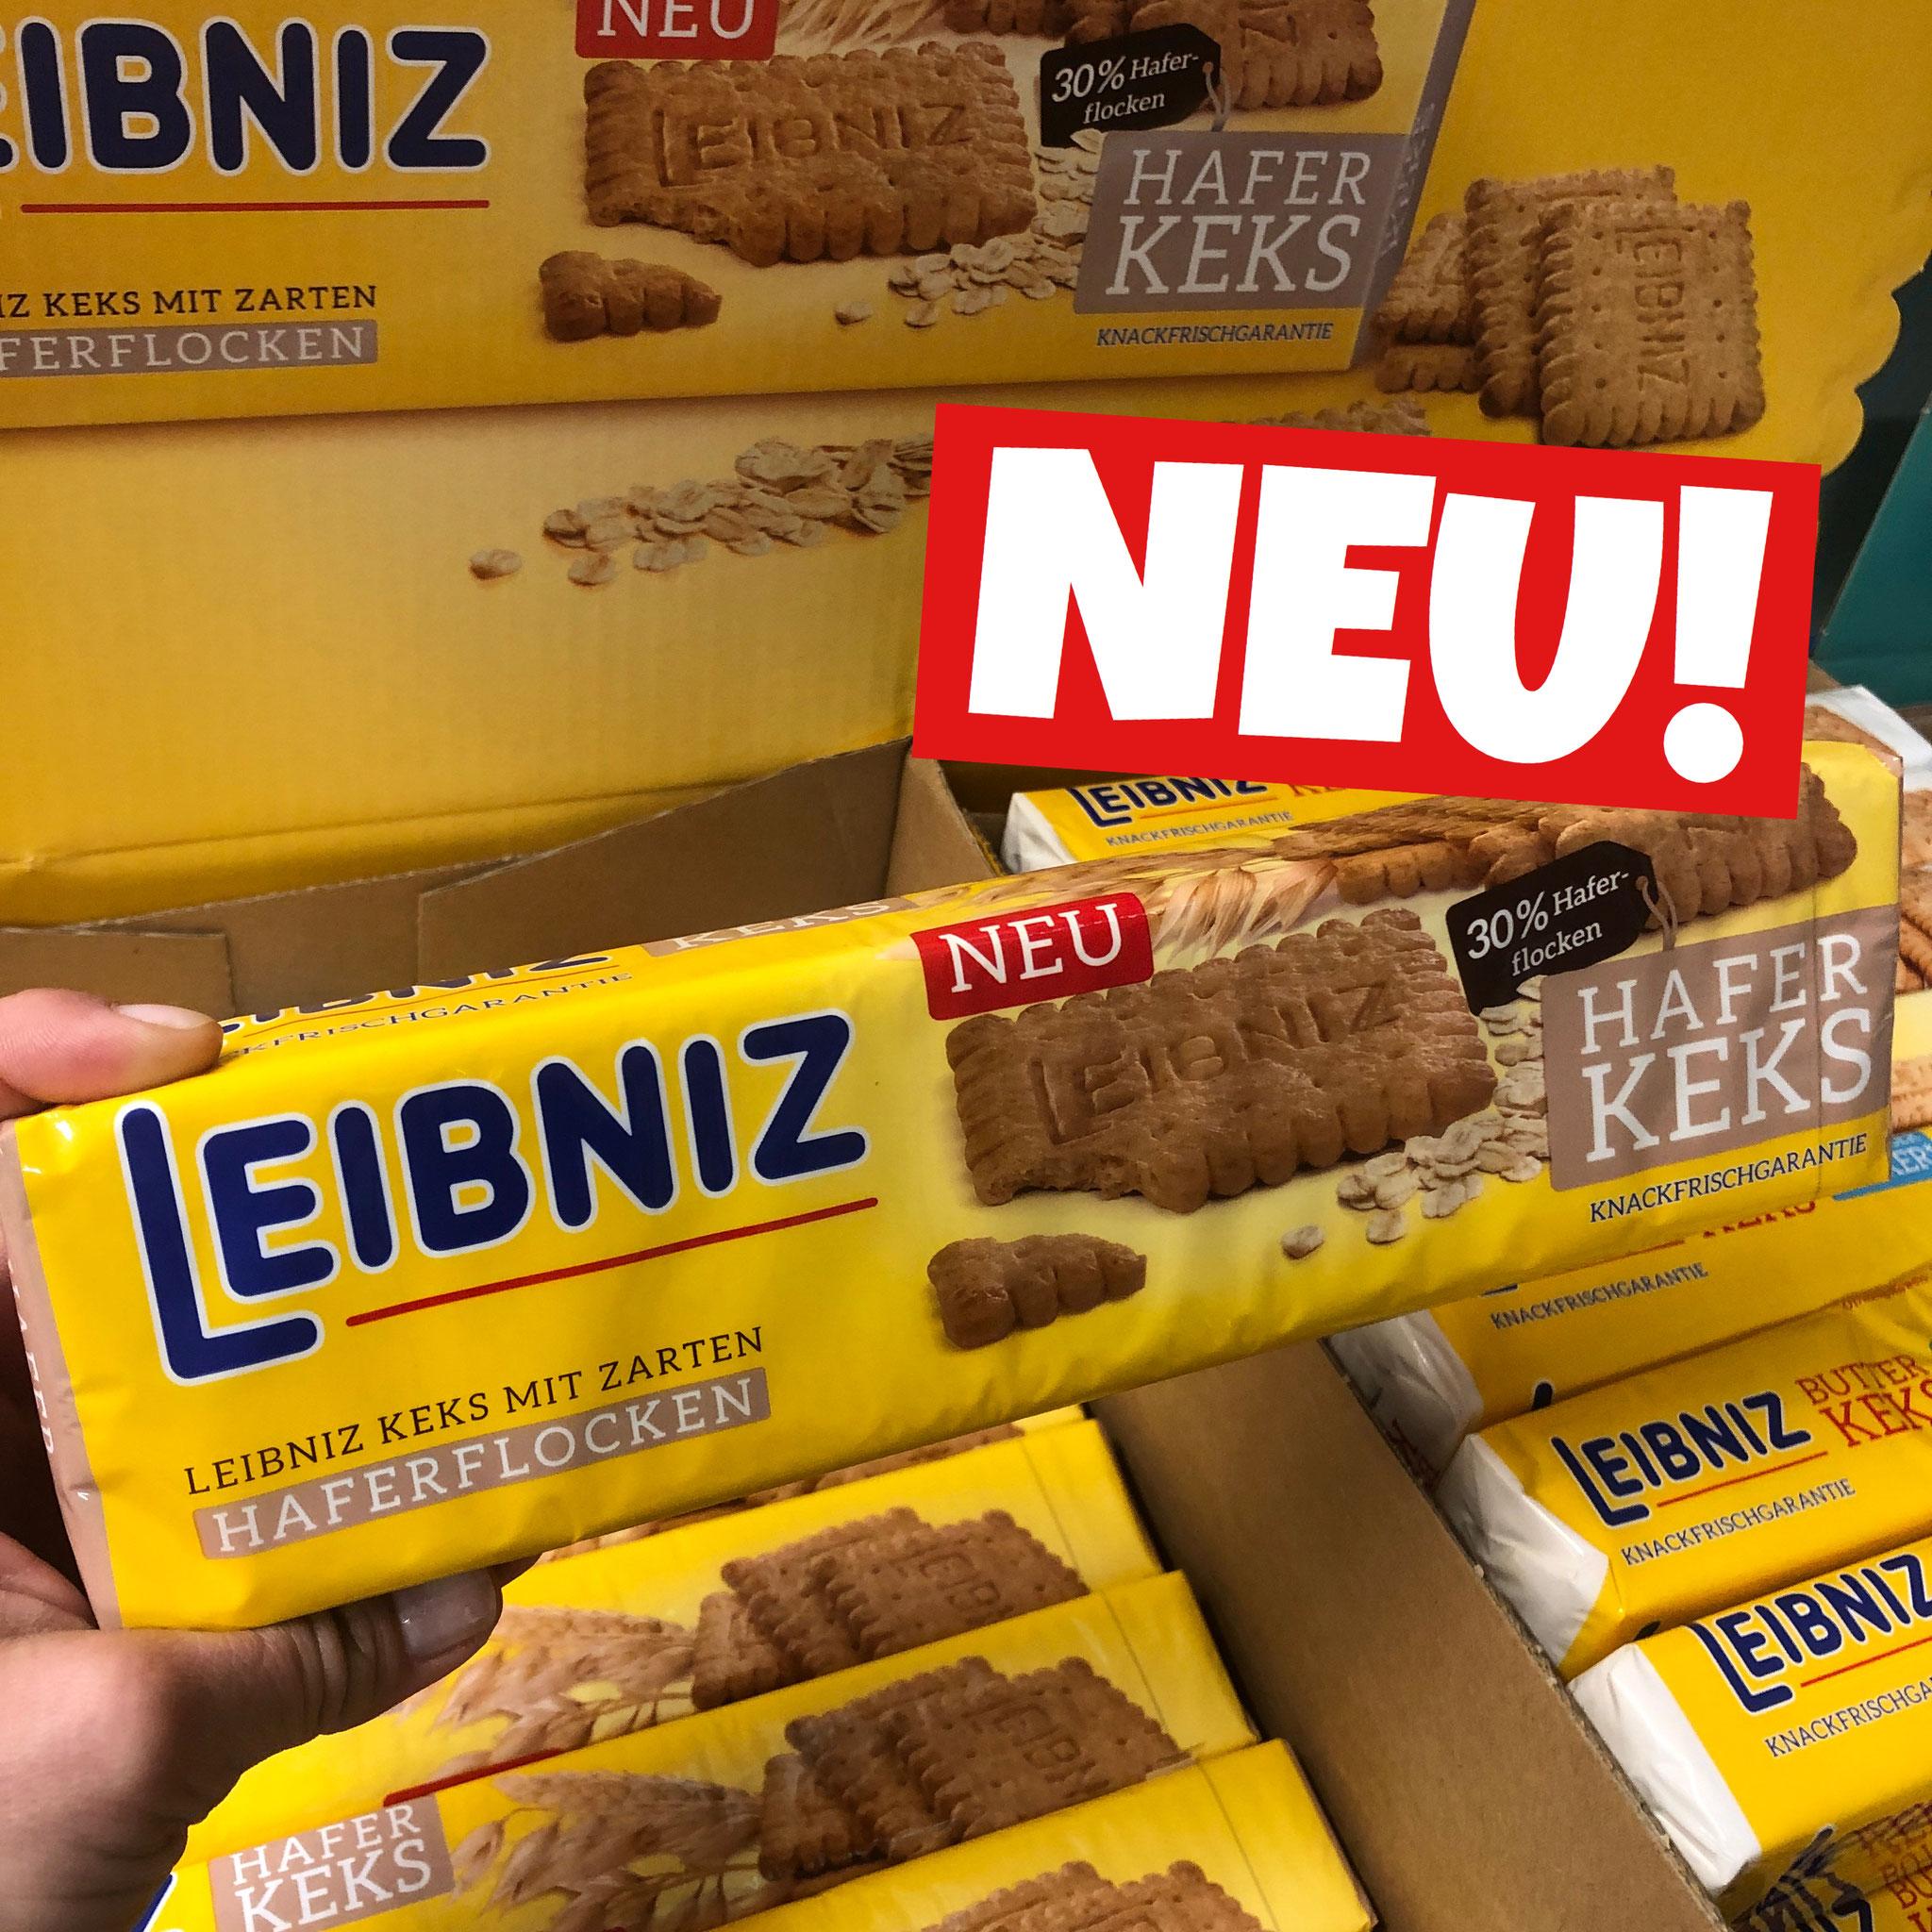 Leibniz Haferkeks